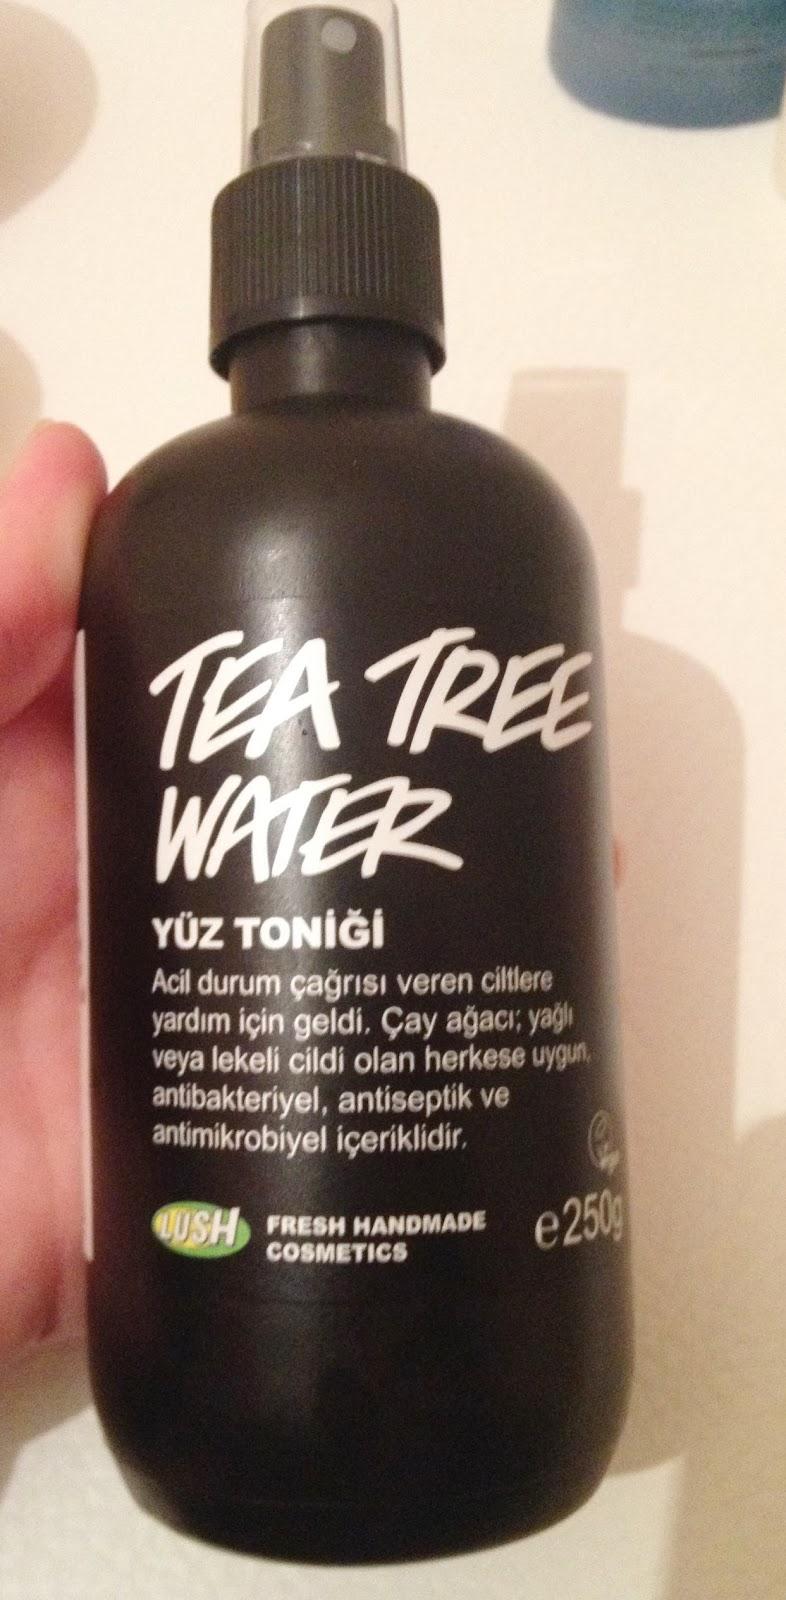 Badem yağı ve sivilceden gelen çay ağacı yağı: Değerlendirmeler ve öneriler